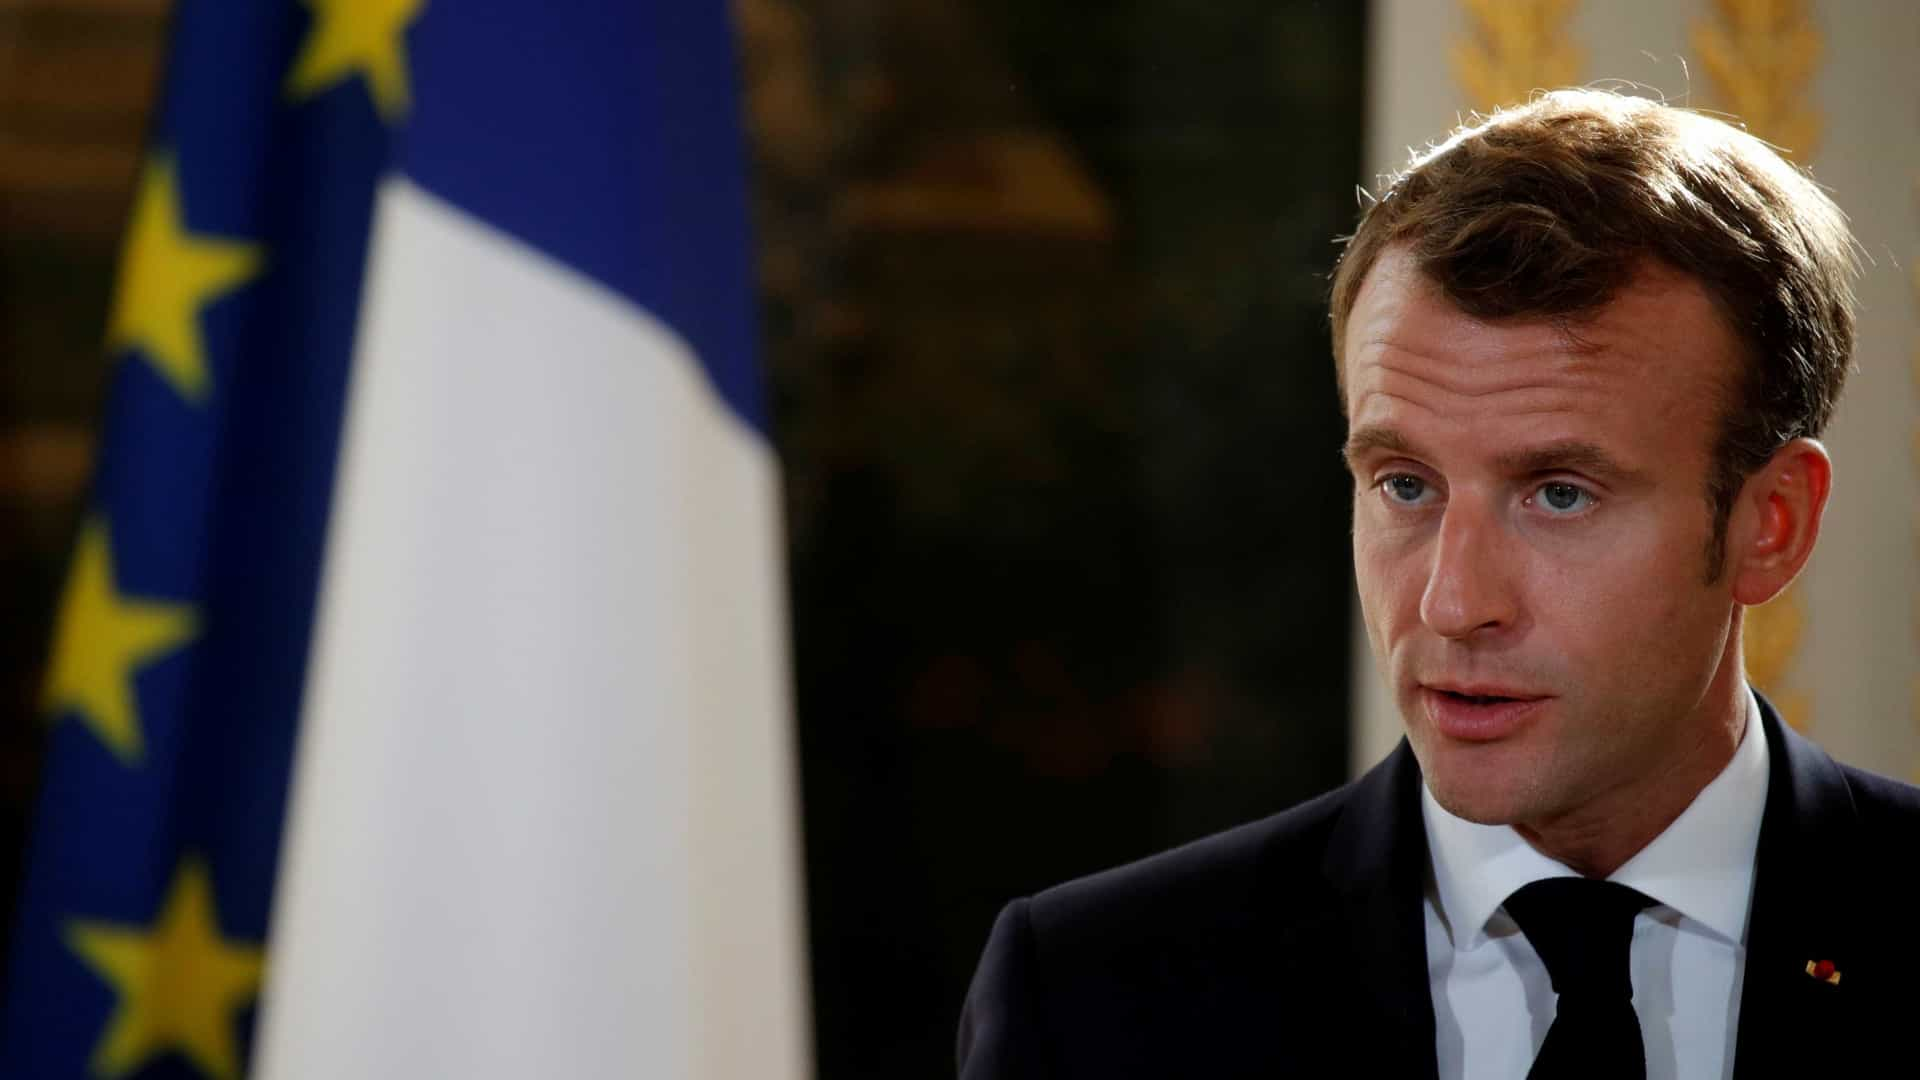 Reunião de Bolsonaro e Macron é cancelada após críticas do francês